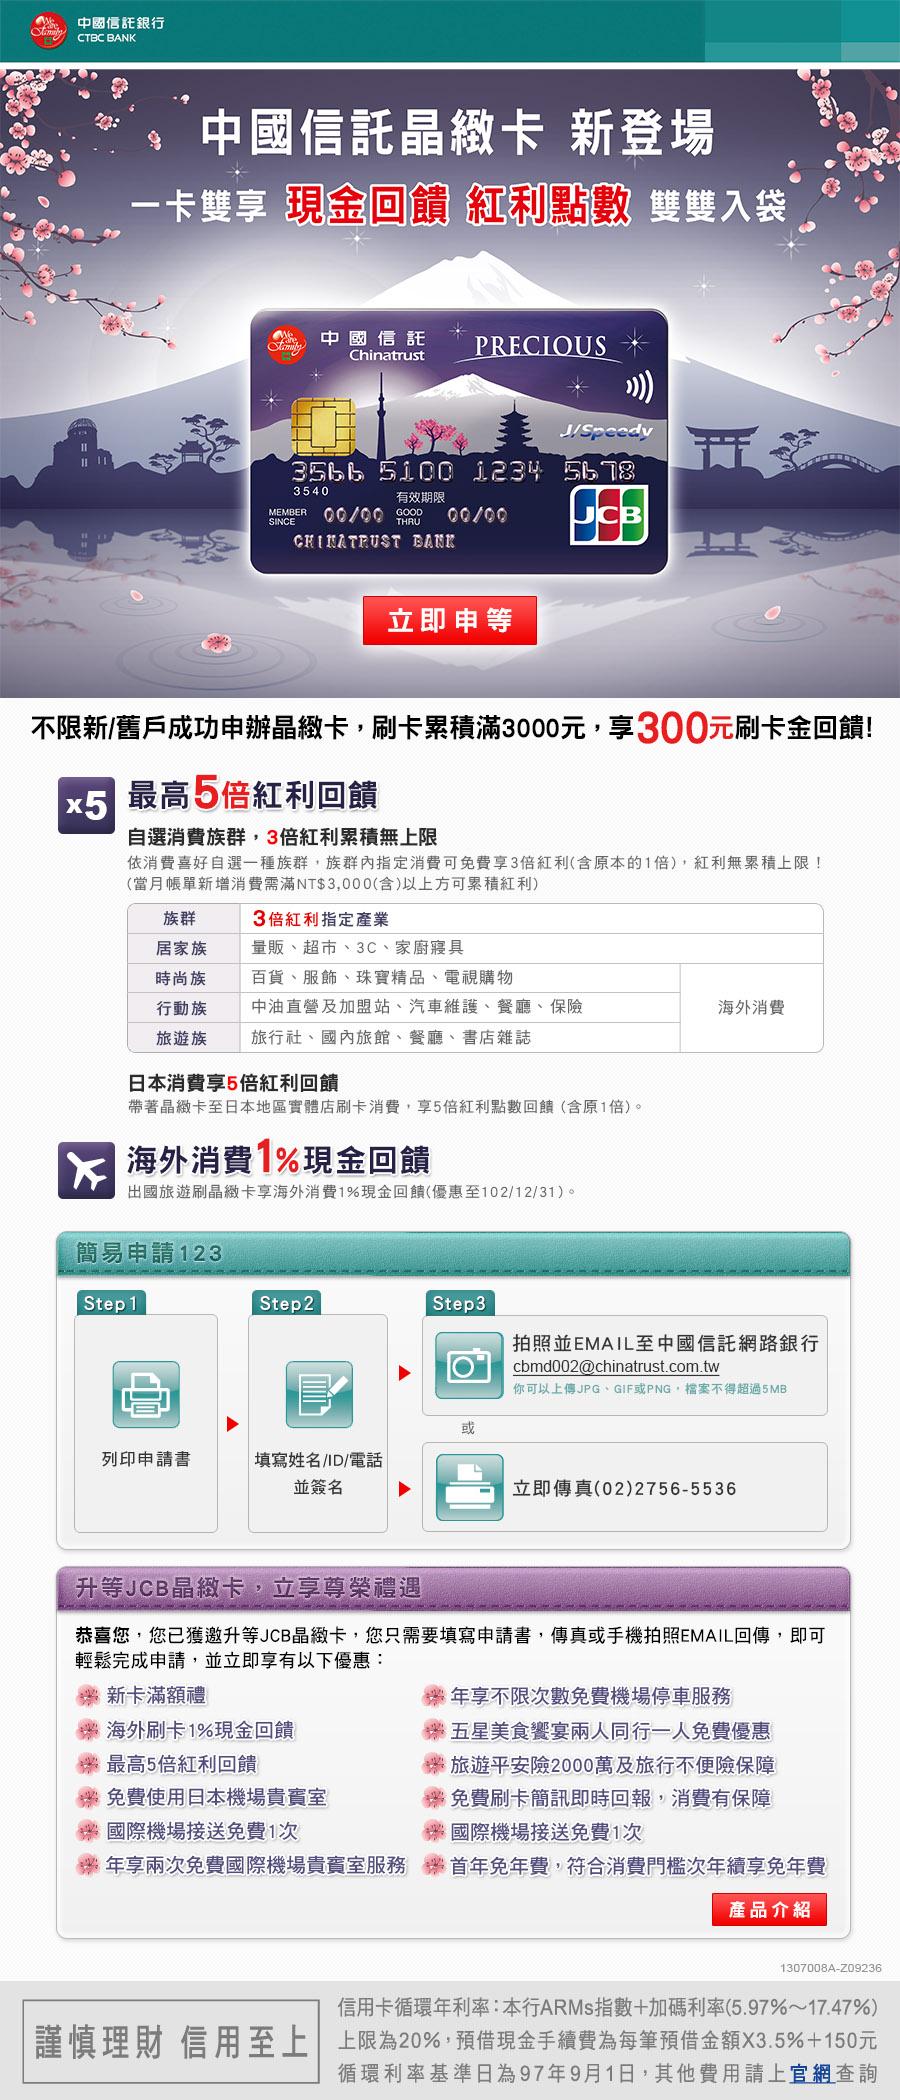 中國信託JCB